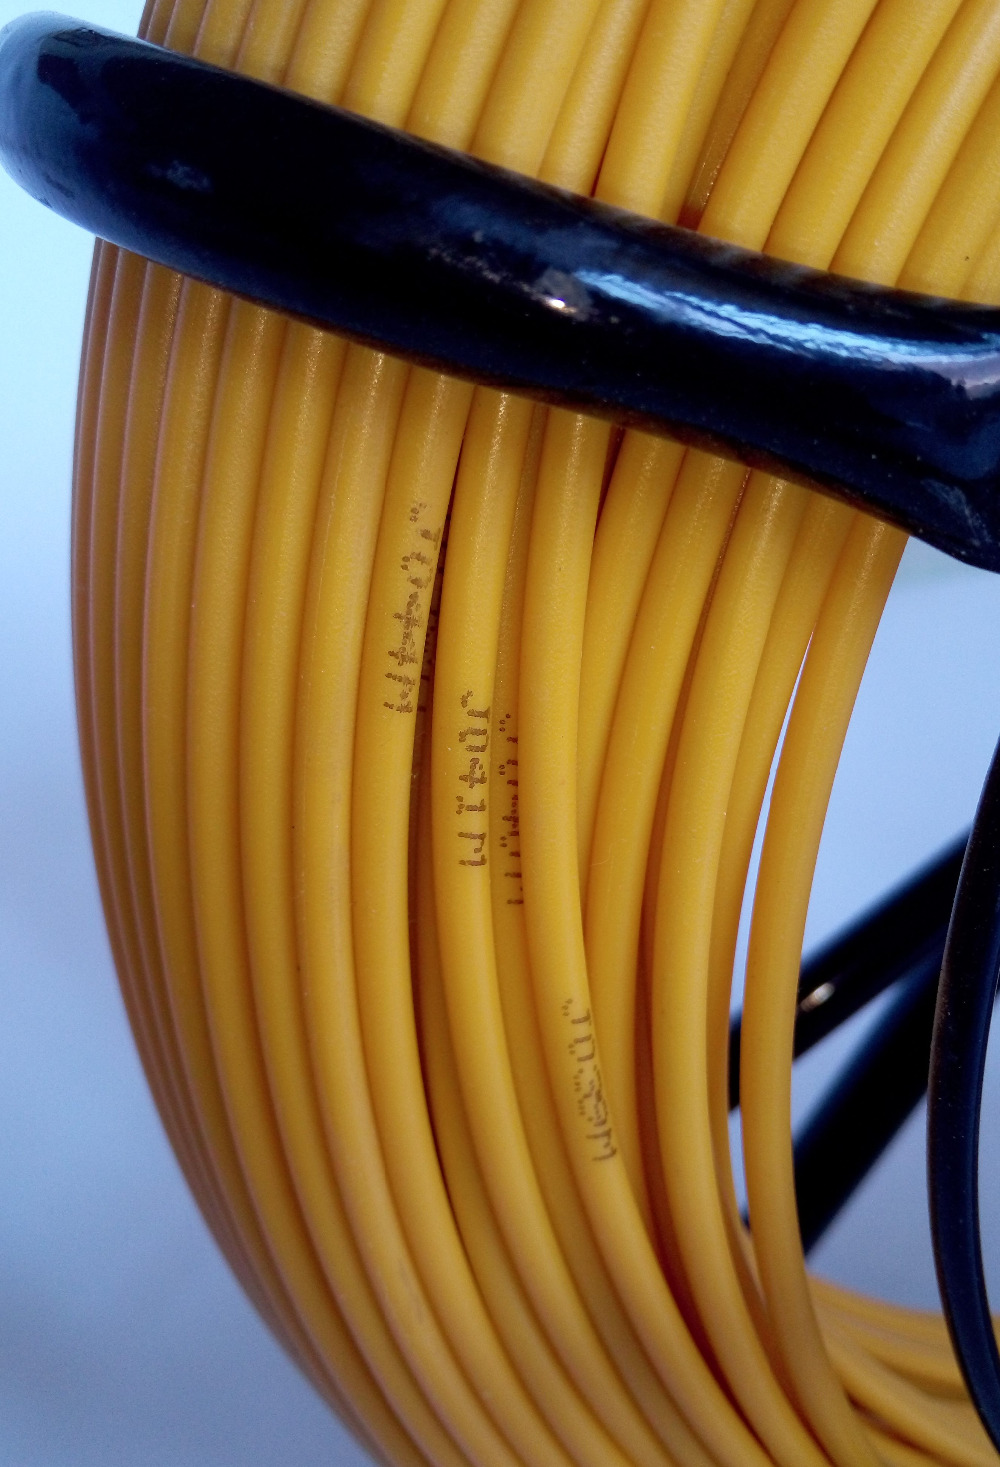 Asta di spinta push pull in fibra di vetro da 4,5 mm 100 metri con - Set di attrezzi - Fotografia 2